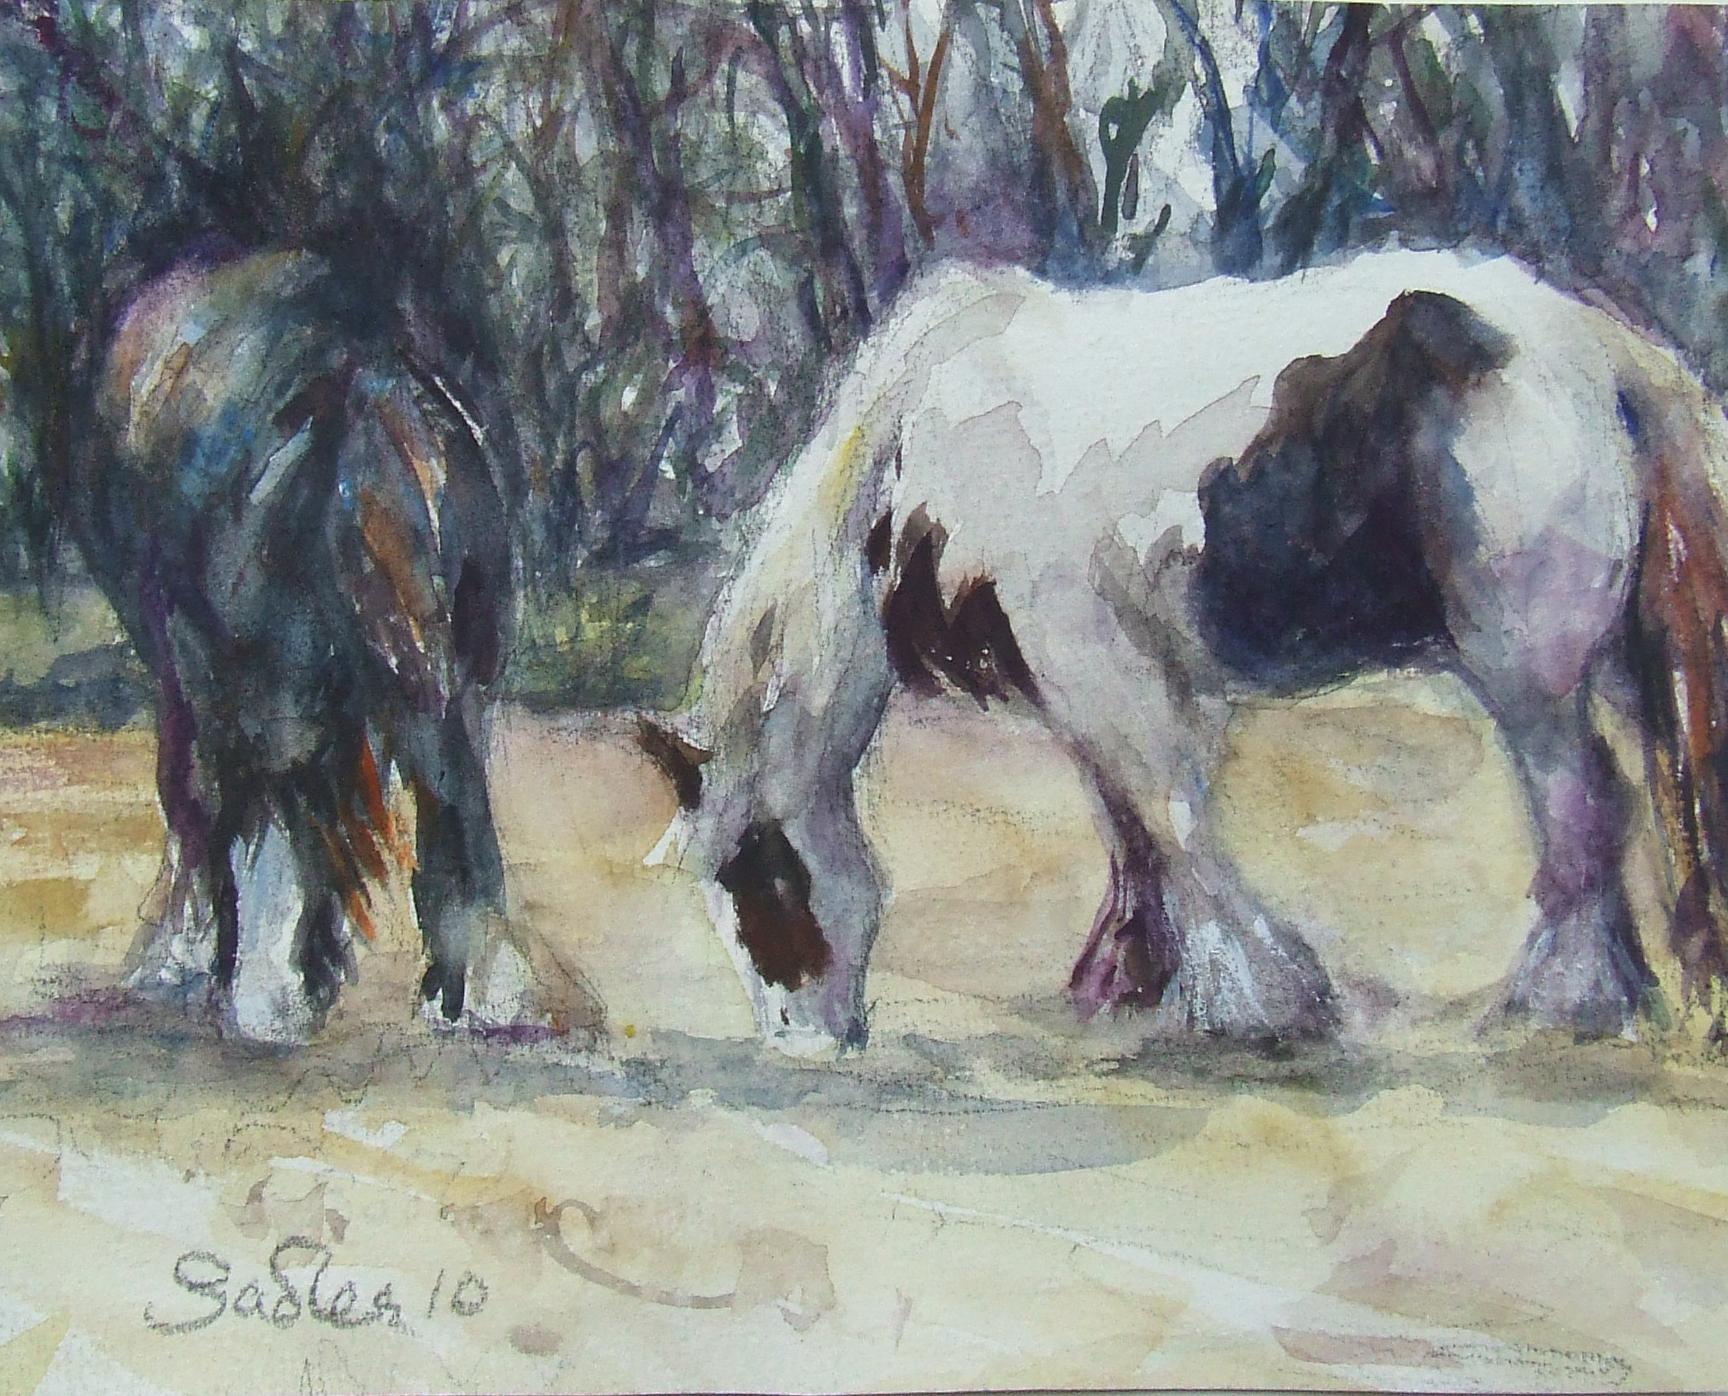 Valerie Sadler Art Whitehouse Gallery